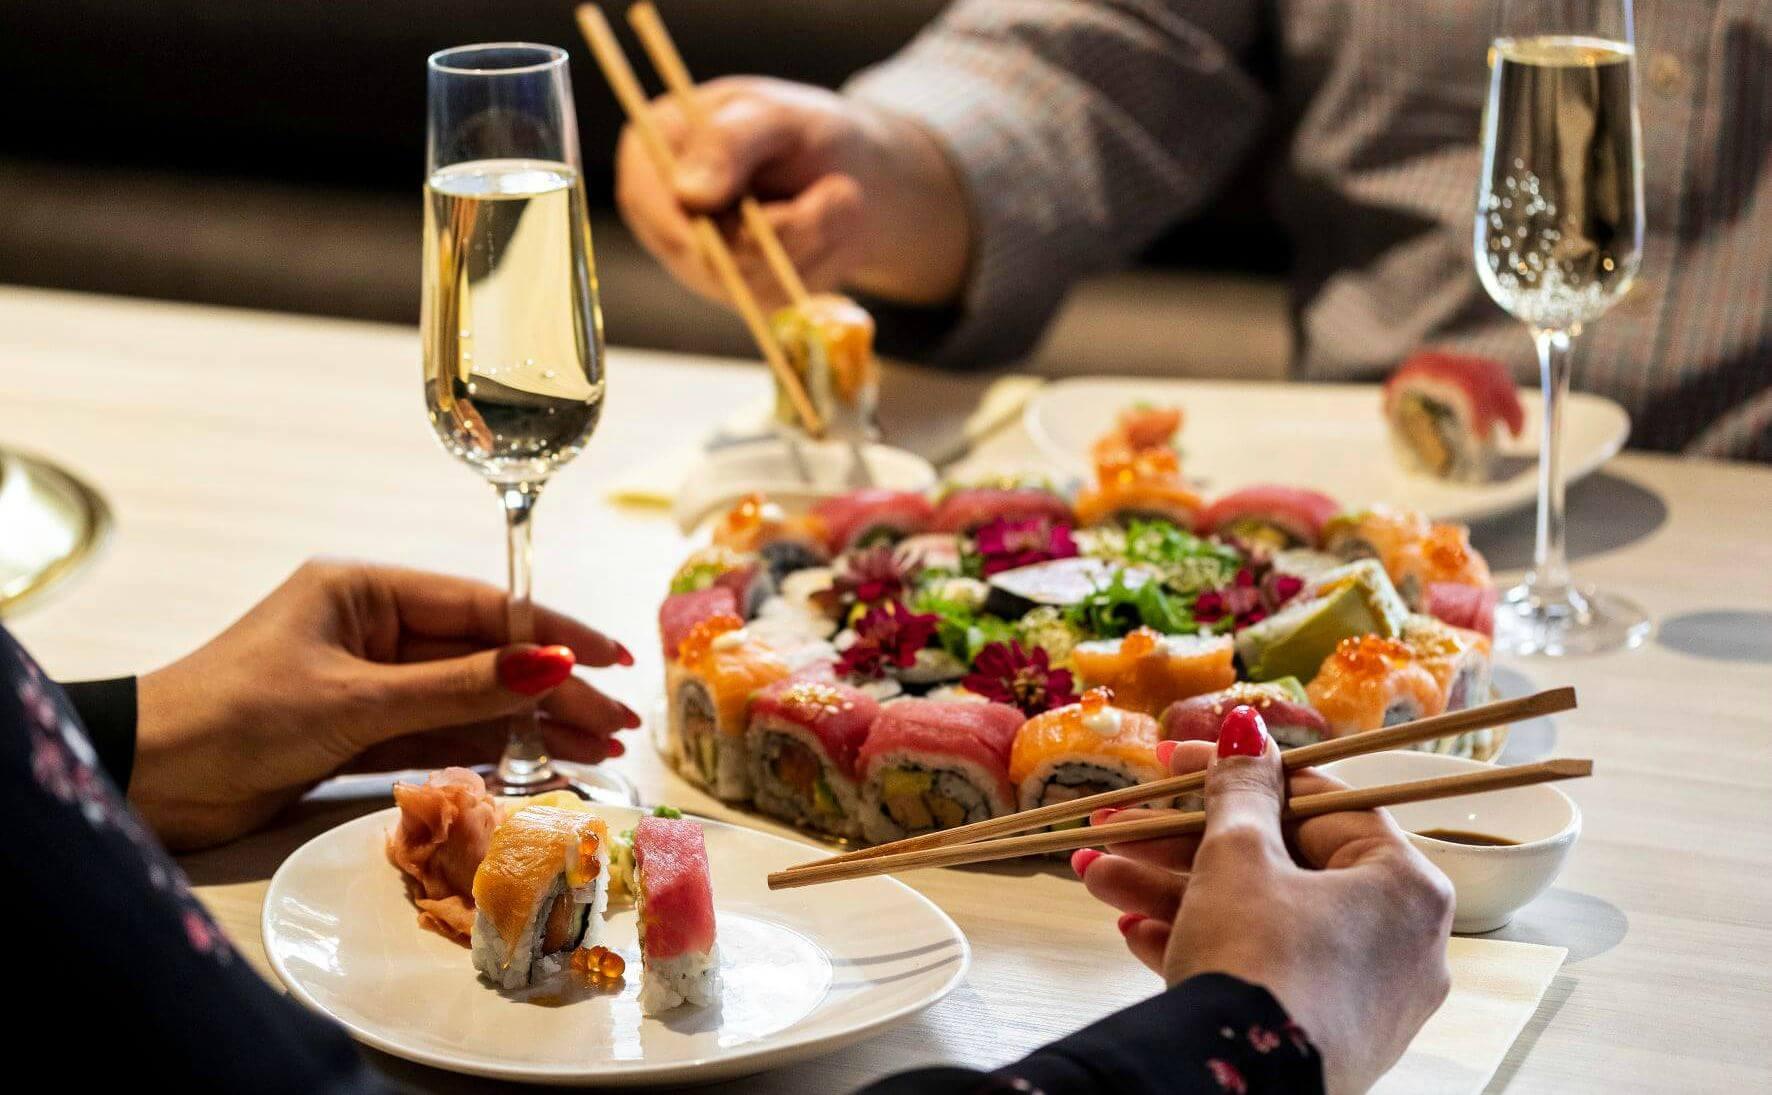 Yamato Japanese Restaurant Budapest סושי בבודפשט מסעדשת ימאטו